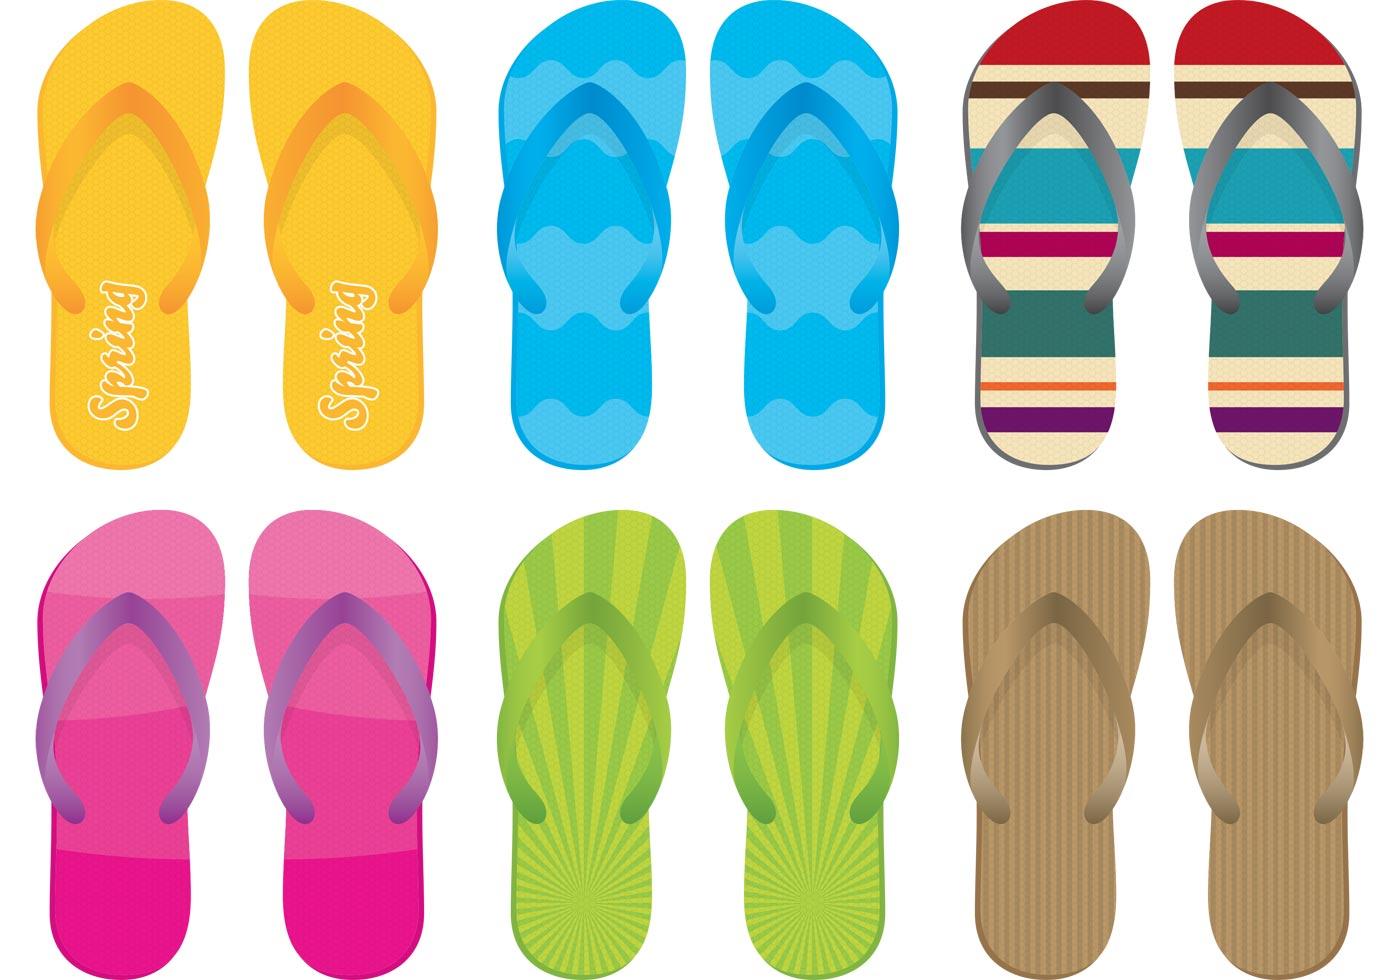 Sandals And Flip Flop Vectors Download Free Vector Art